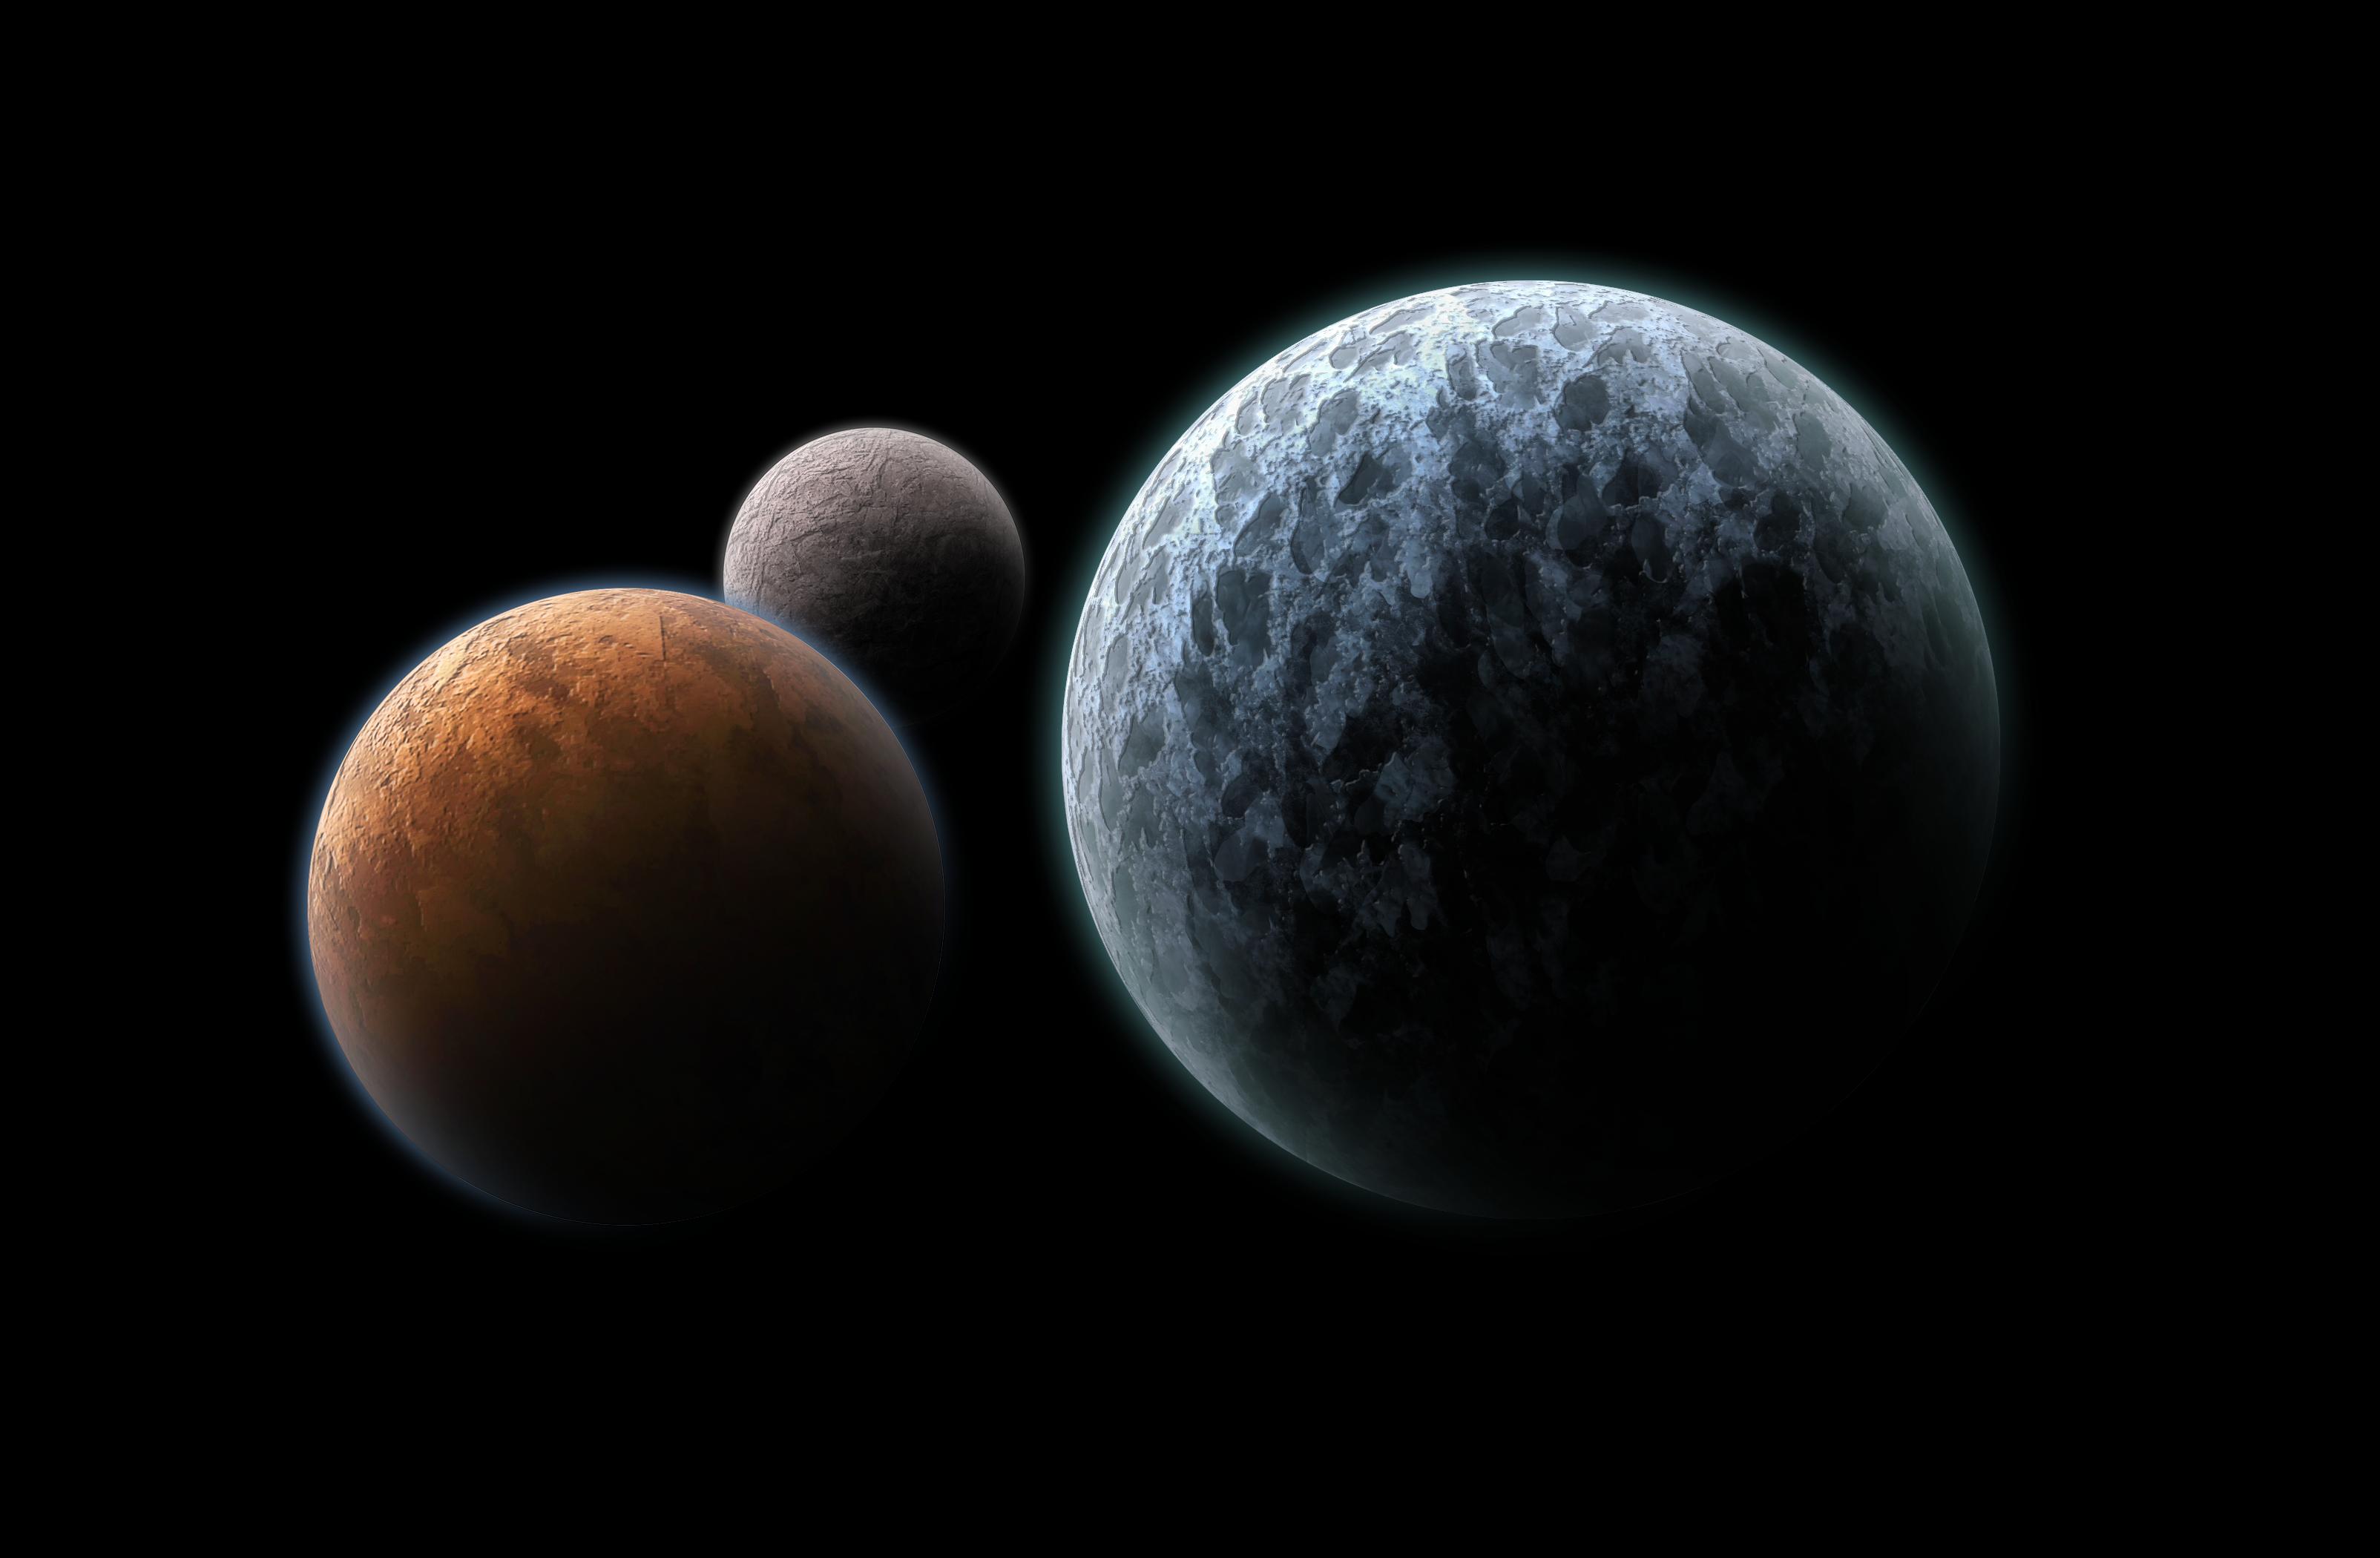 3 Planets by ENDESGA